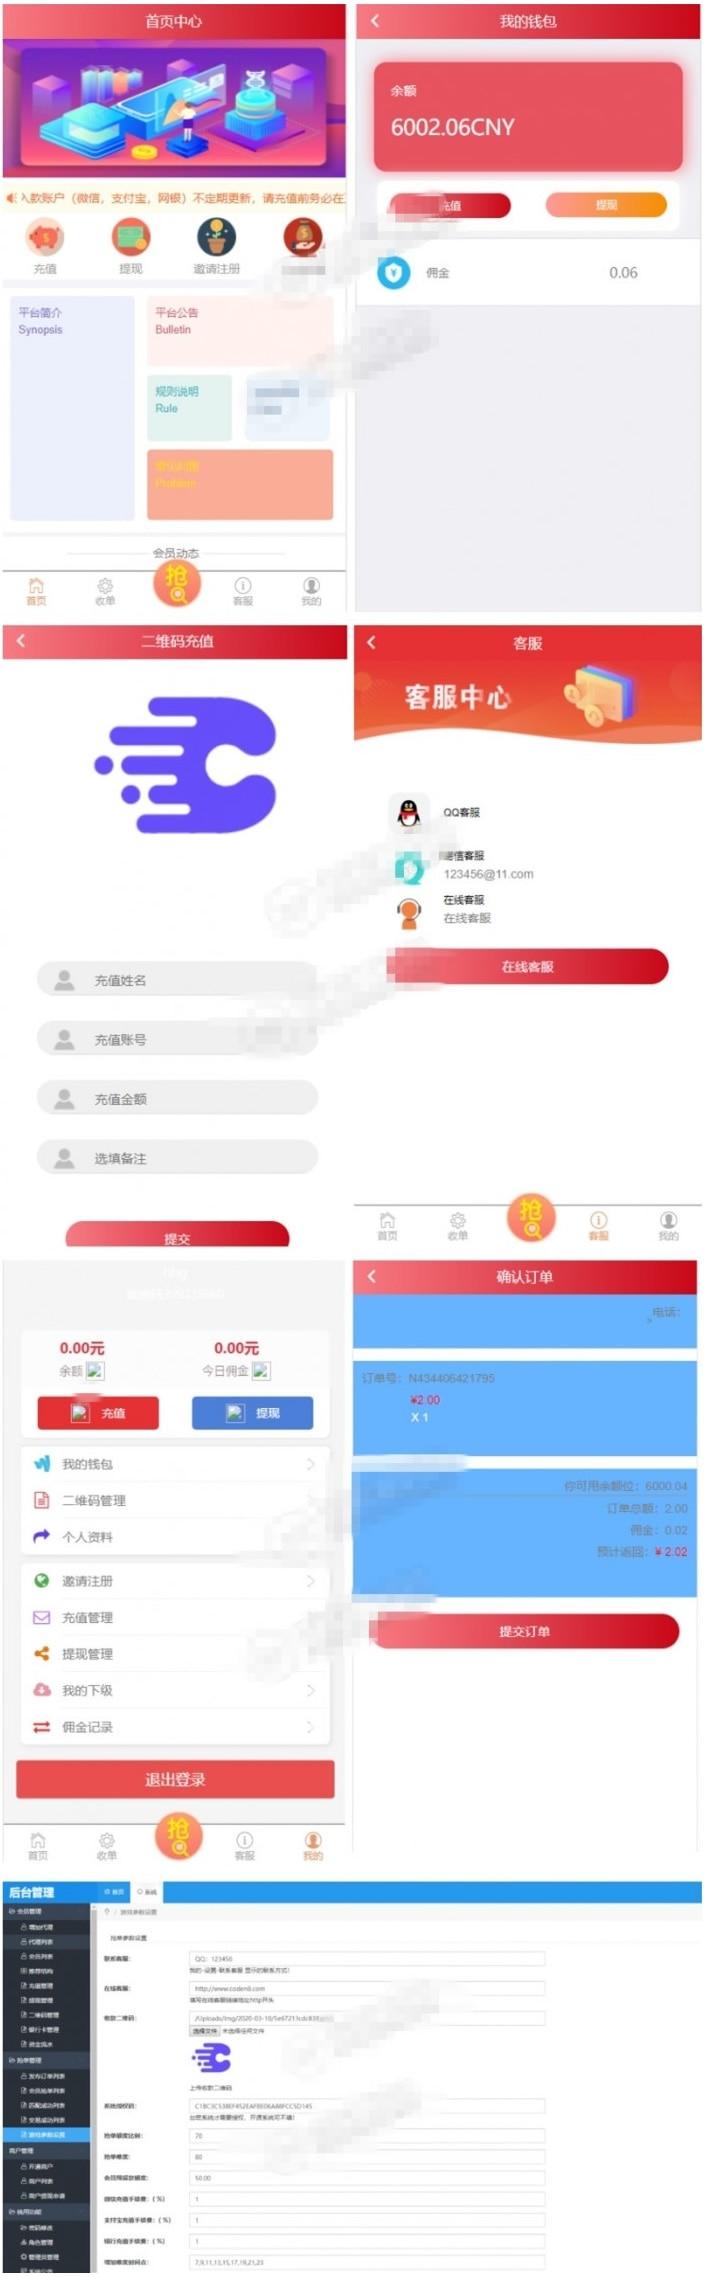 一元源码:新版微信支付宝跑分平台